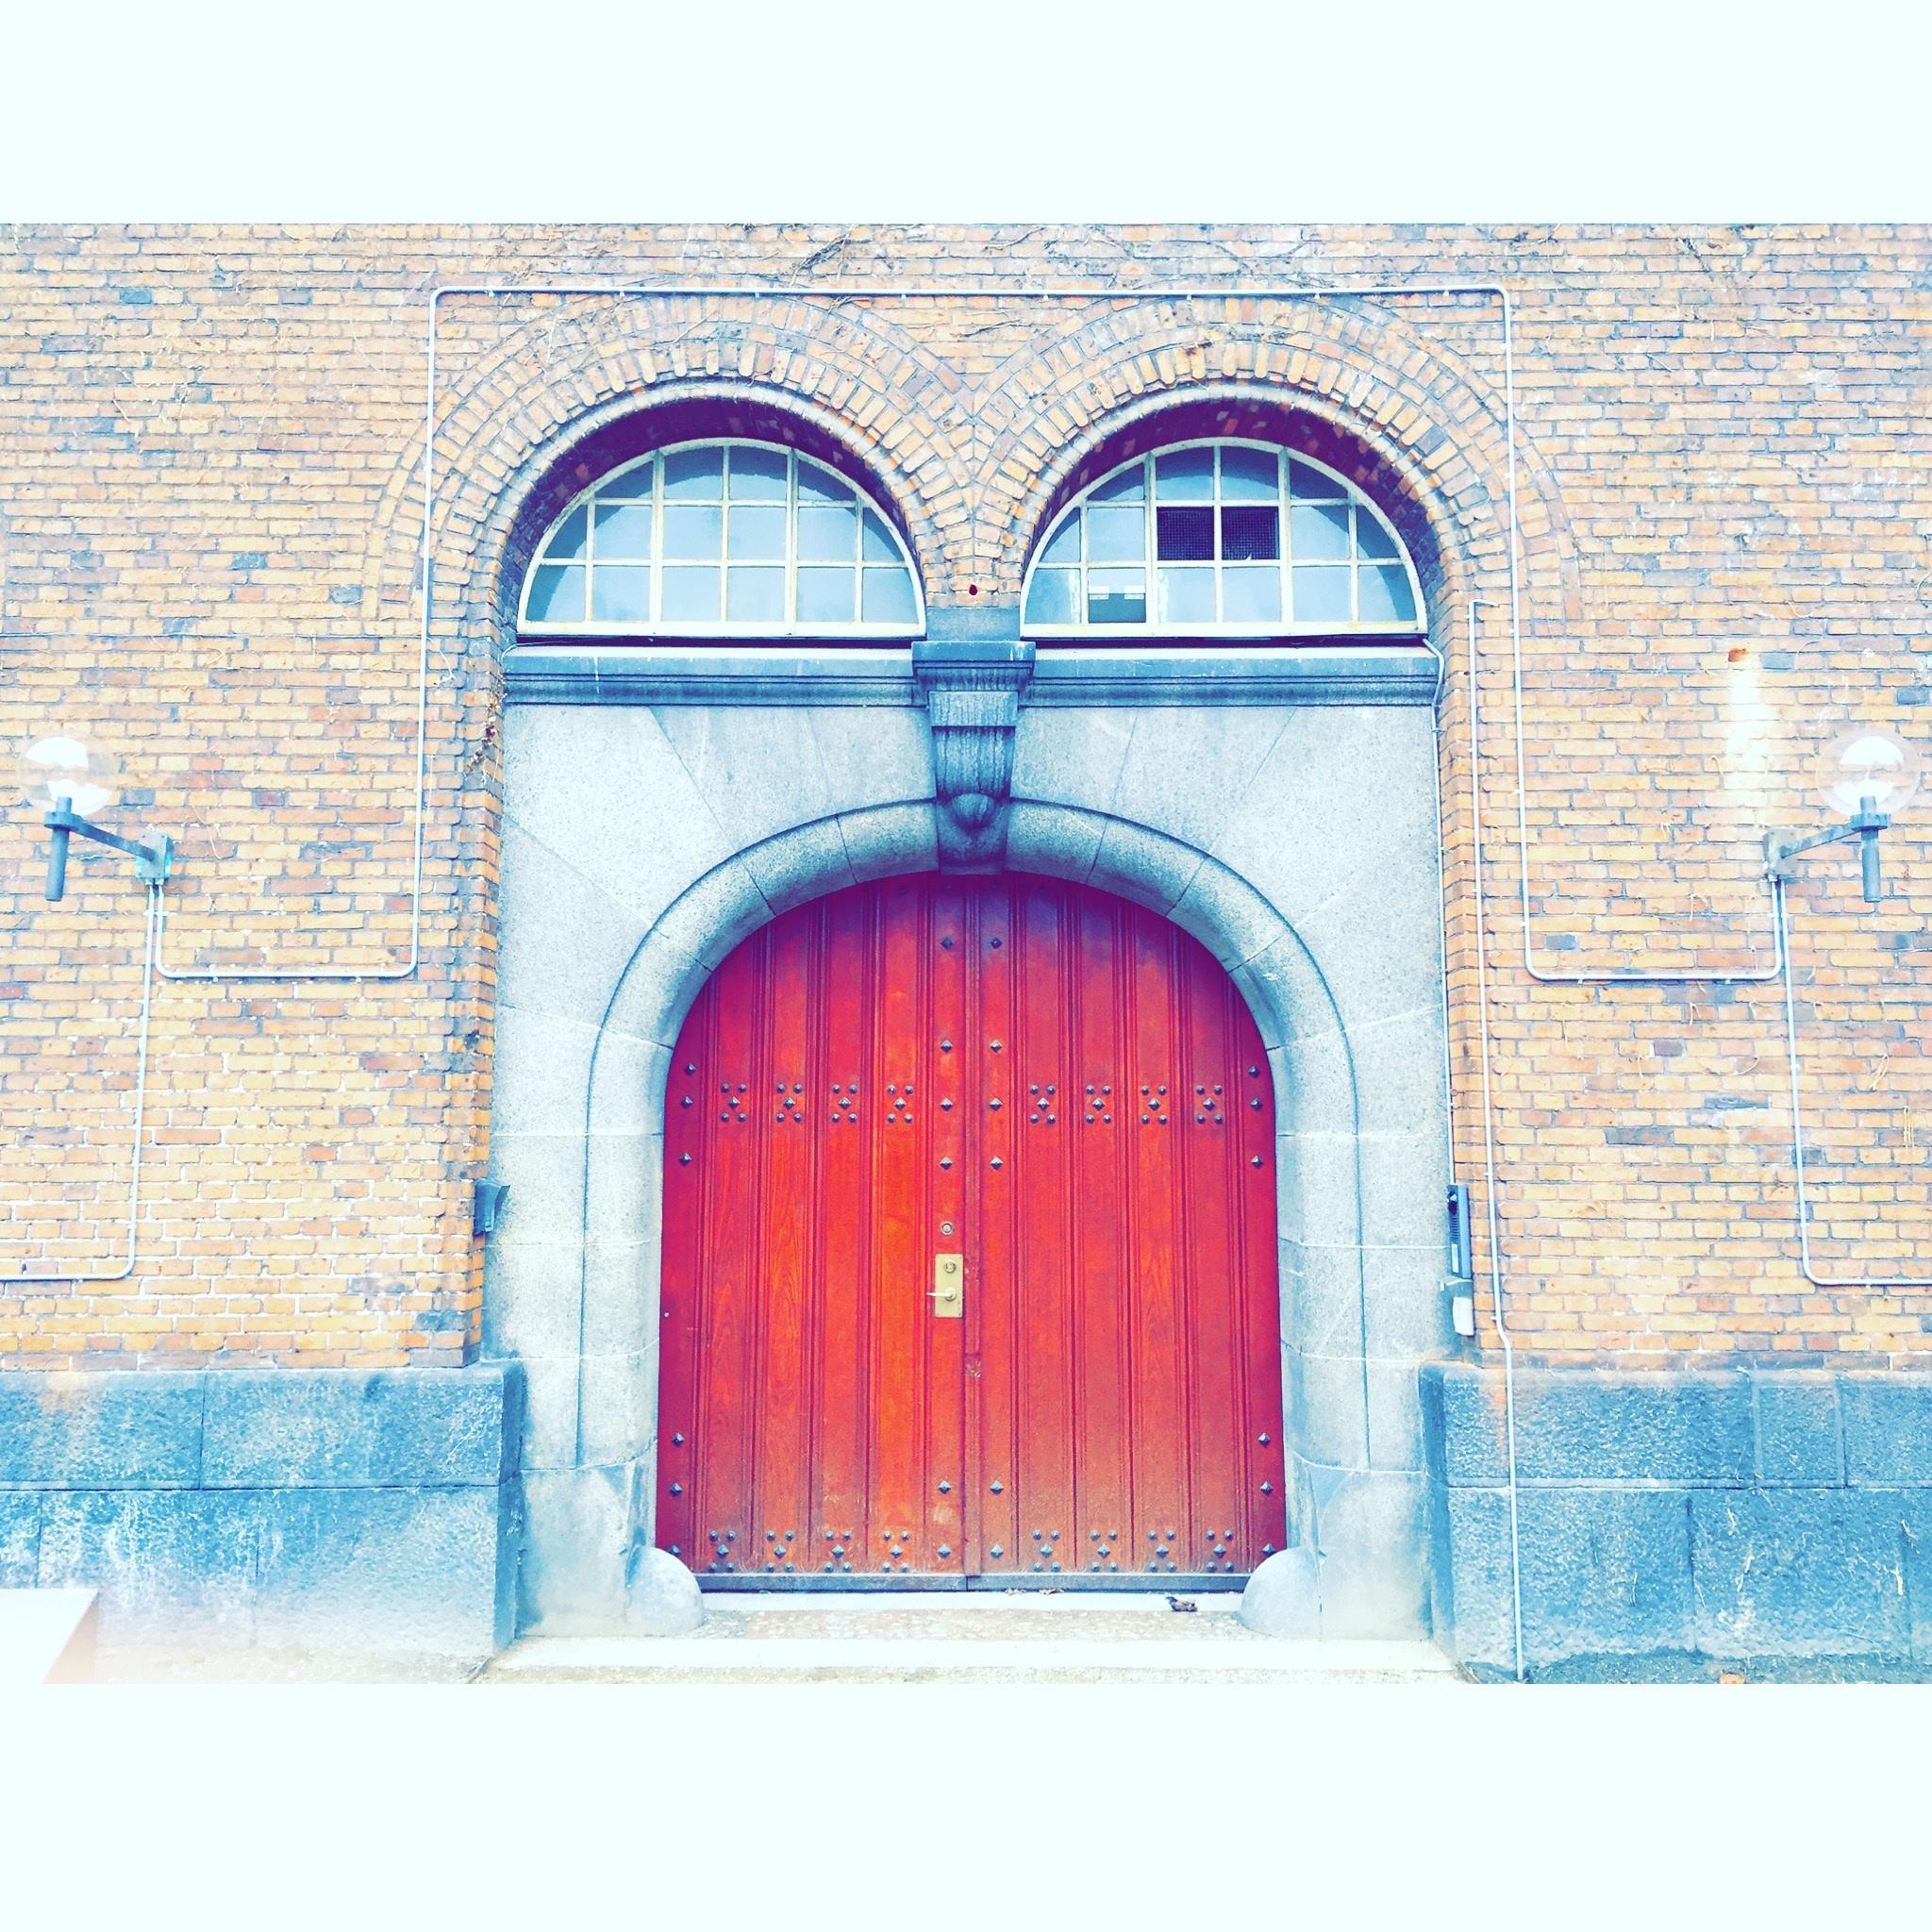 Kostenlose foto : die Architektur, Fenster, Mauer, Bogen, Farbe ...